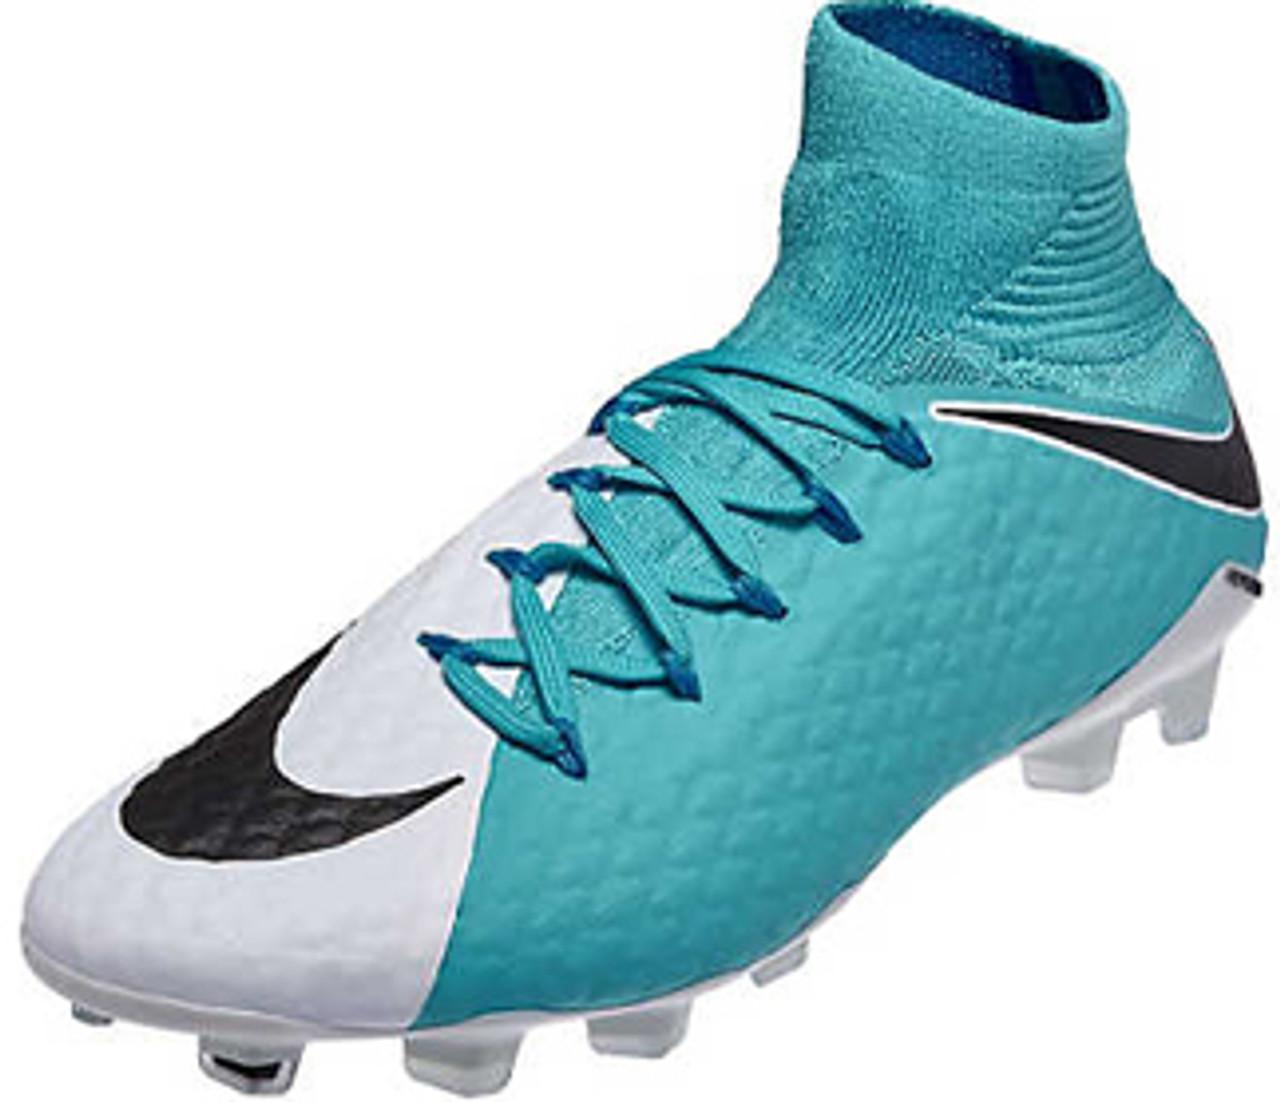 389671674d7f NIKE HYPERVENOM PHATAL III FG white photo blue - Soccer Plus